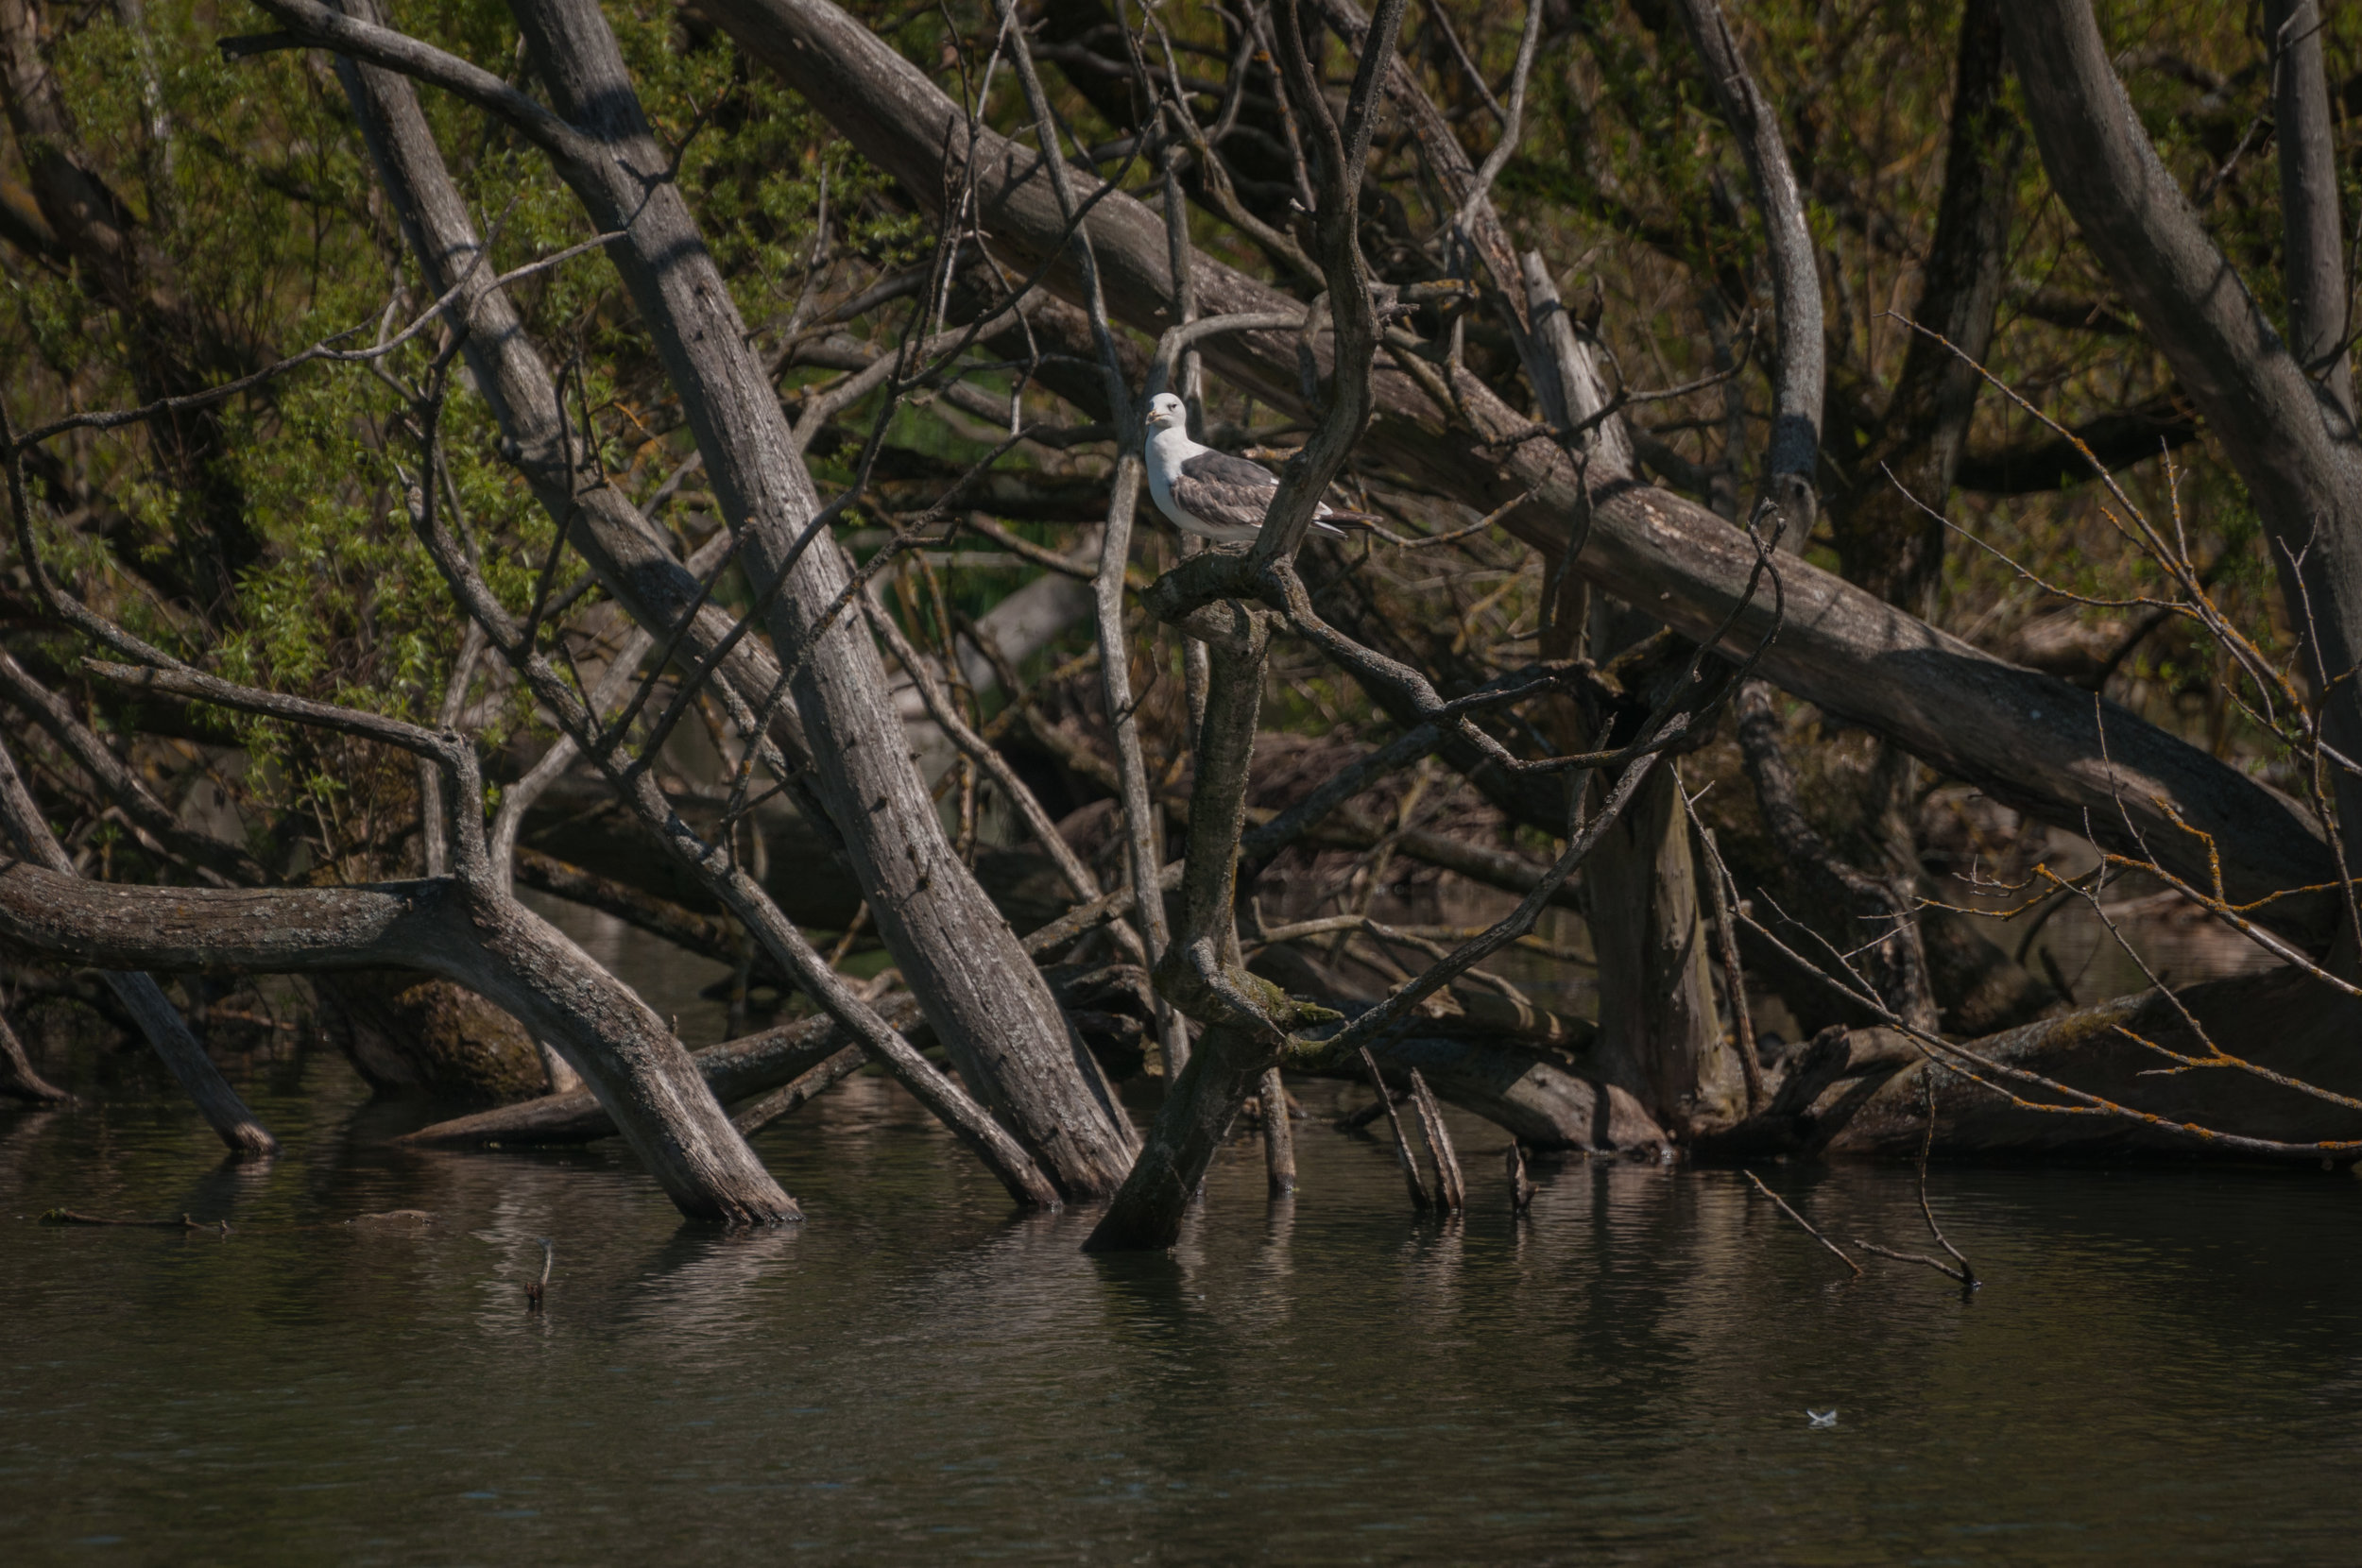 Seagul on tree - 2018 - MAR_8436.jpg